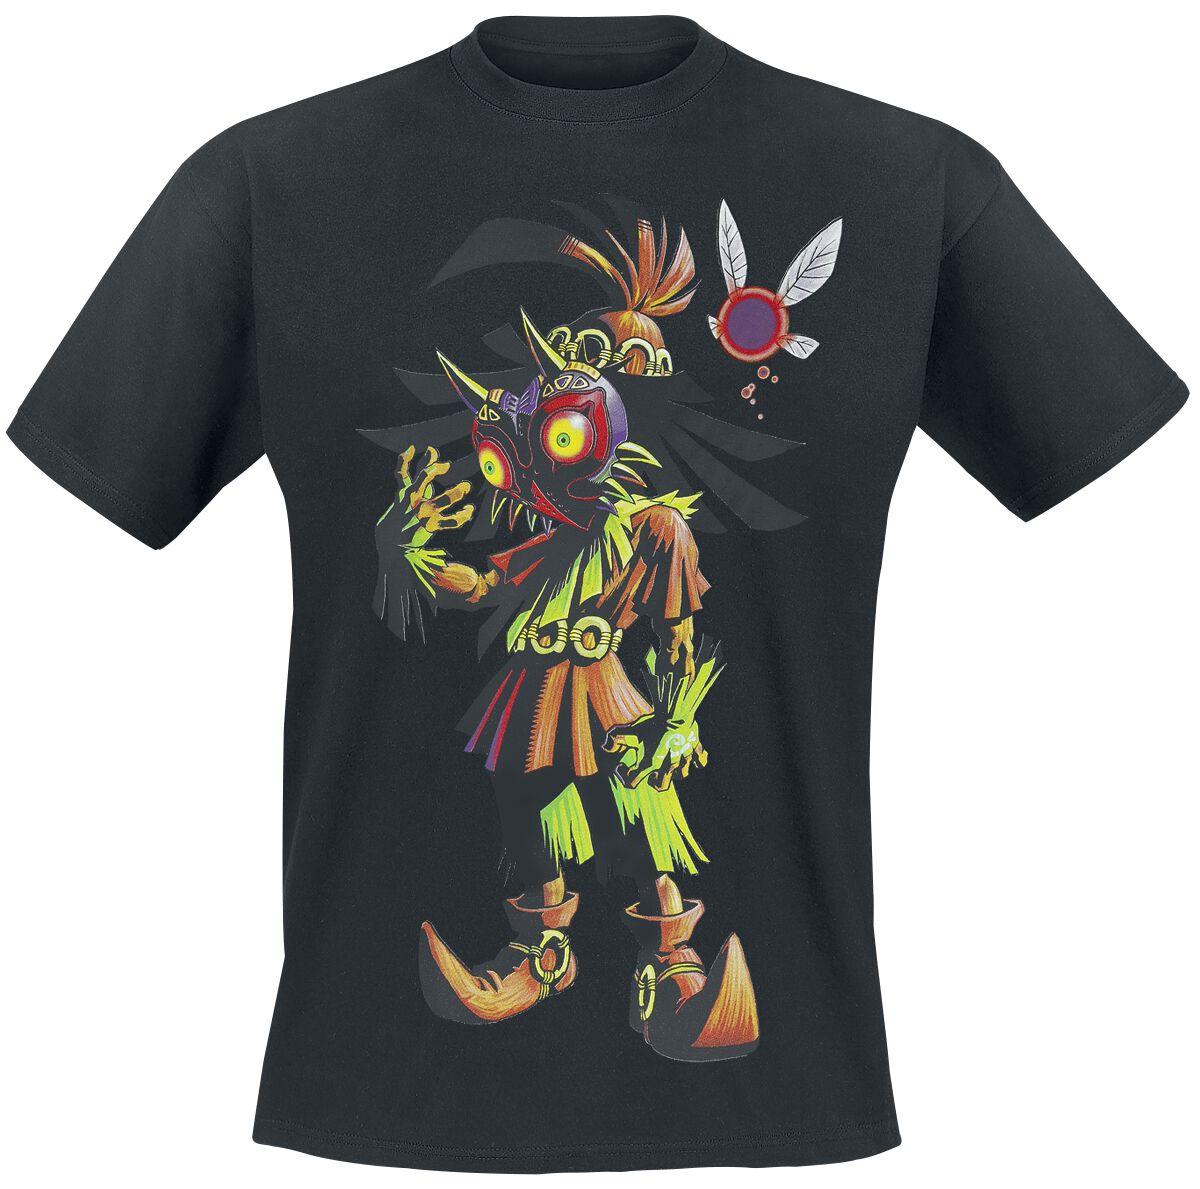 Image of   The Legend Of Zelda Majoras Mask T-Shirt sort